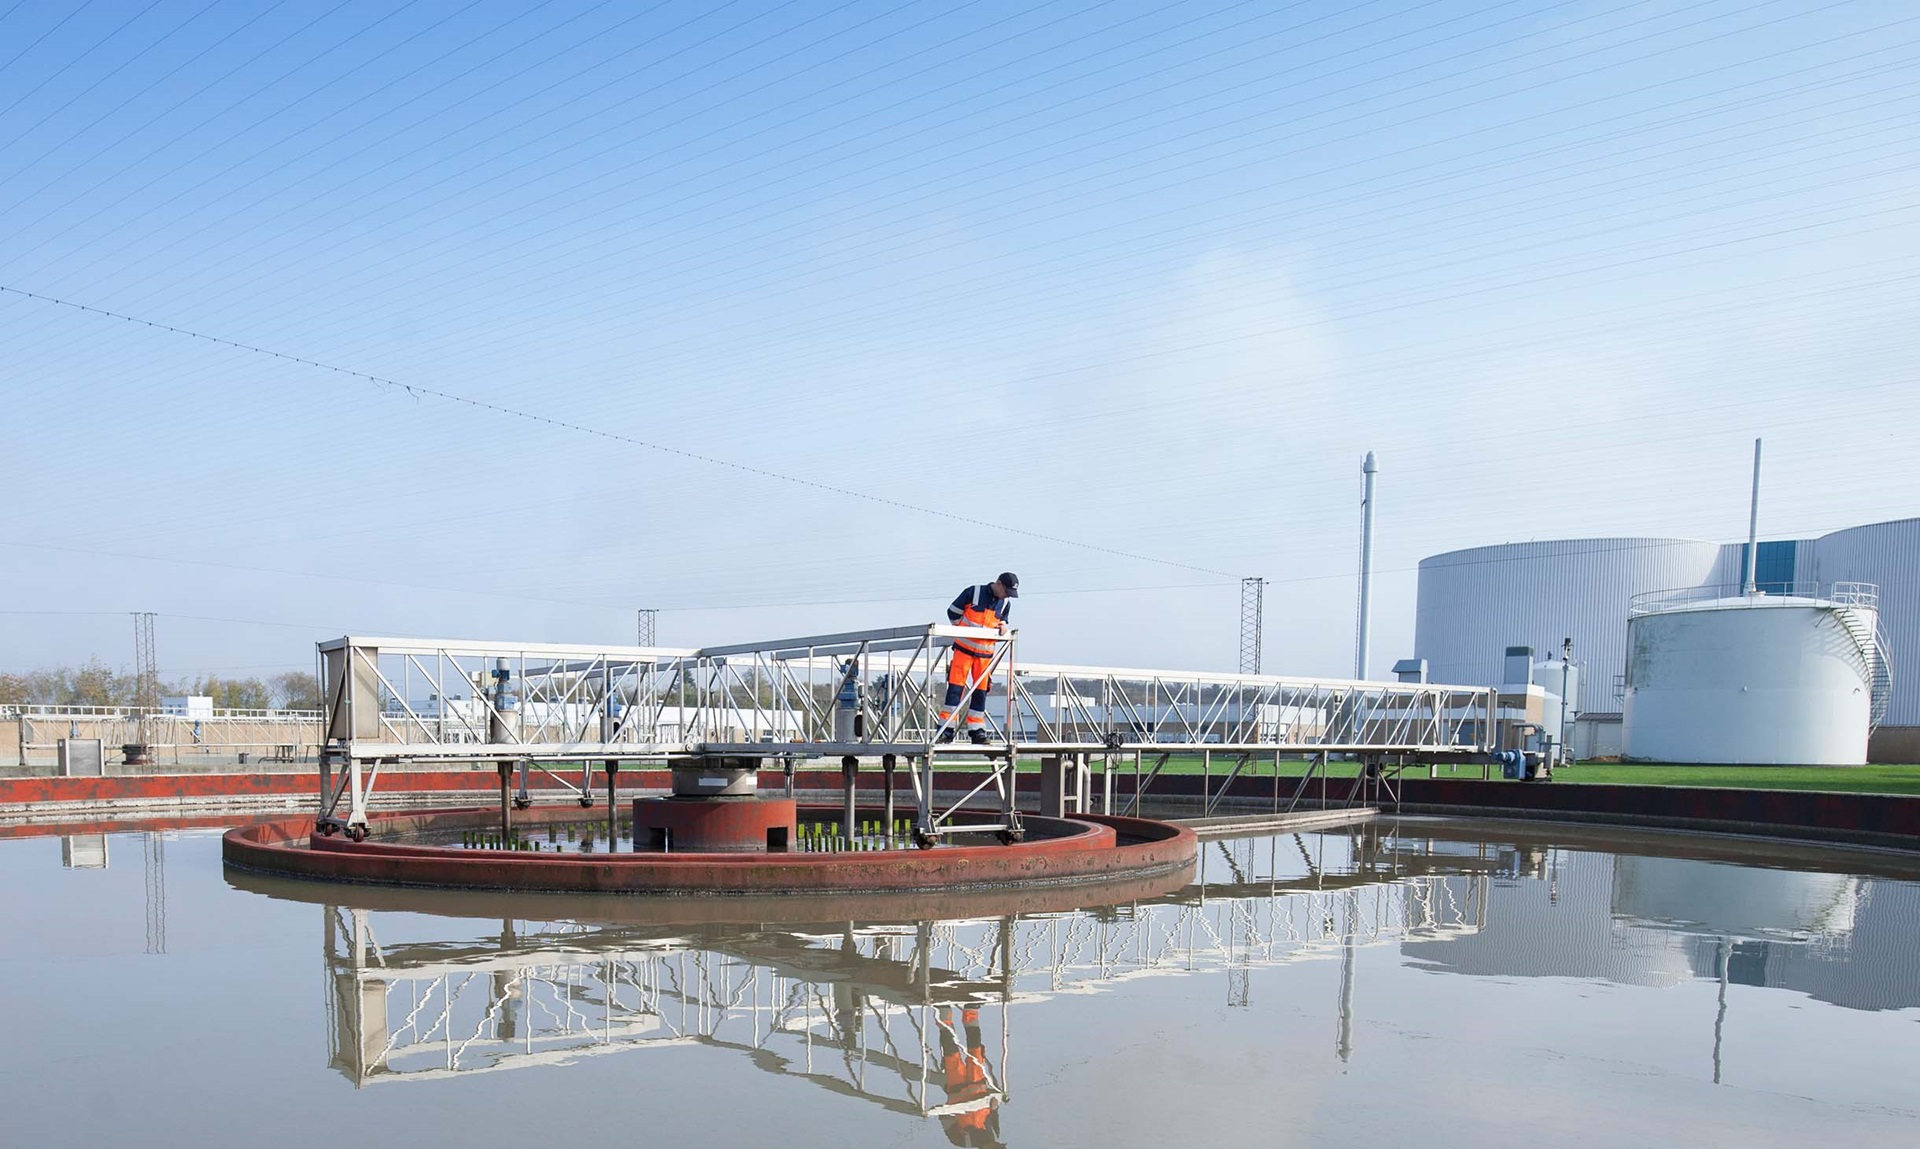 Modulaire waterbehandelingssystemen met bewezen technologie volgens uw vereisten.